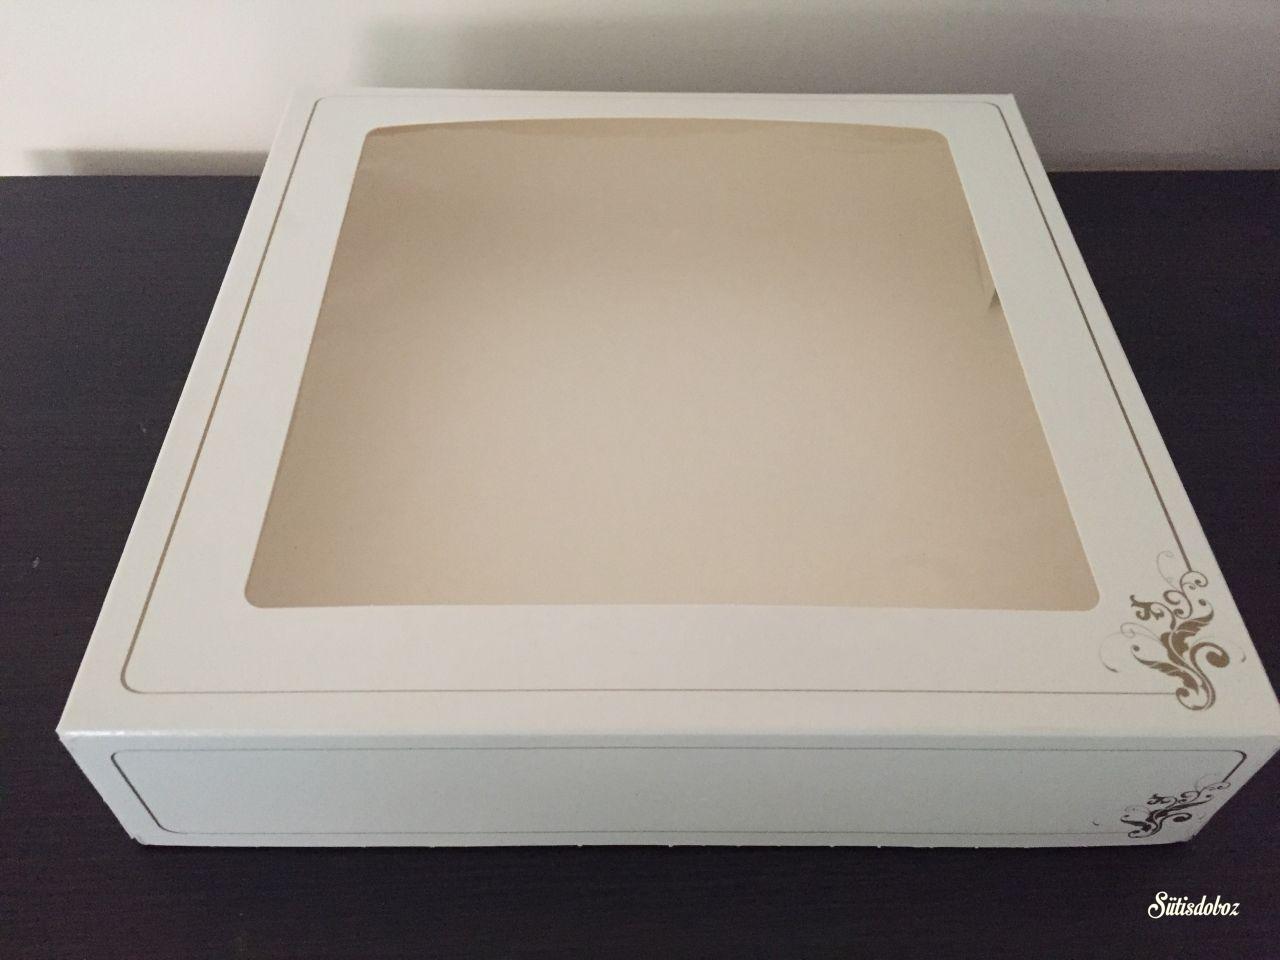 Ablakos süteményes doboz 25x25x5cm 1db